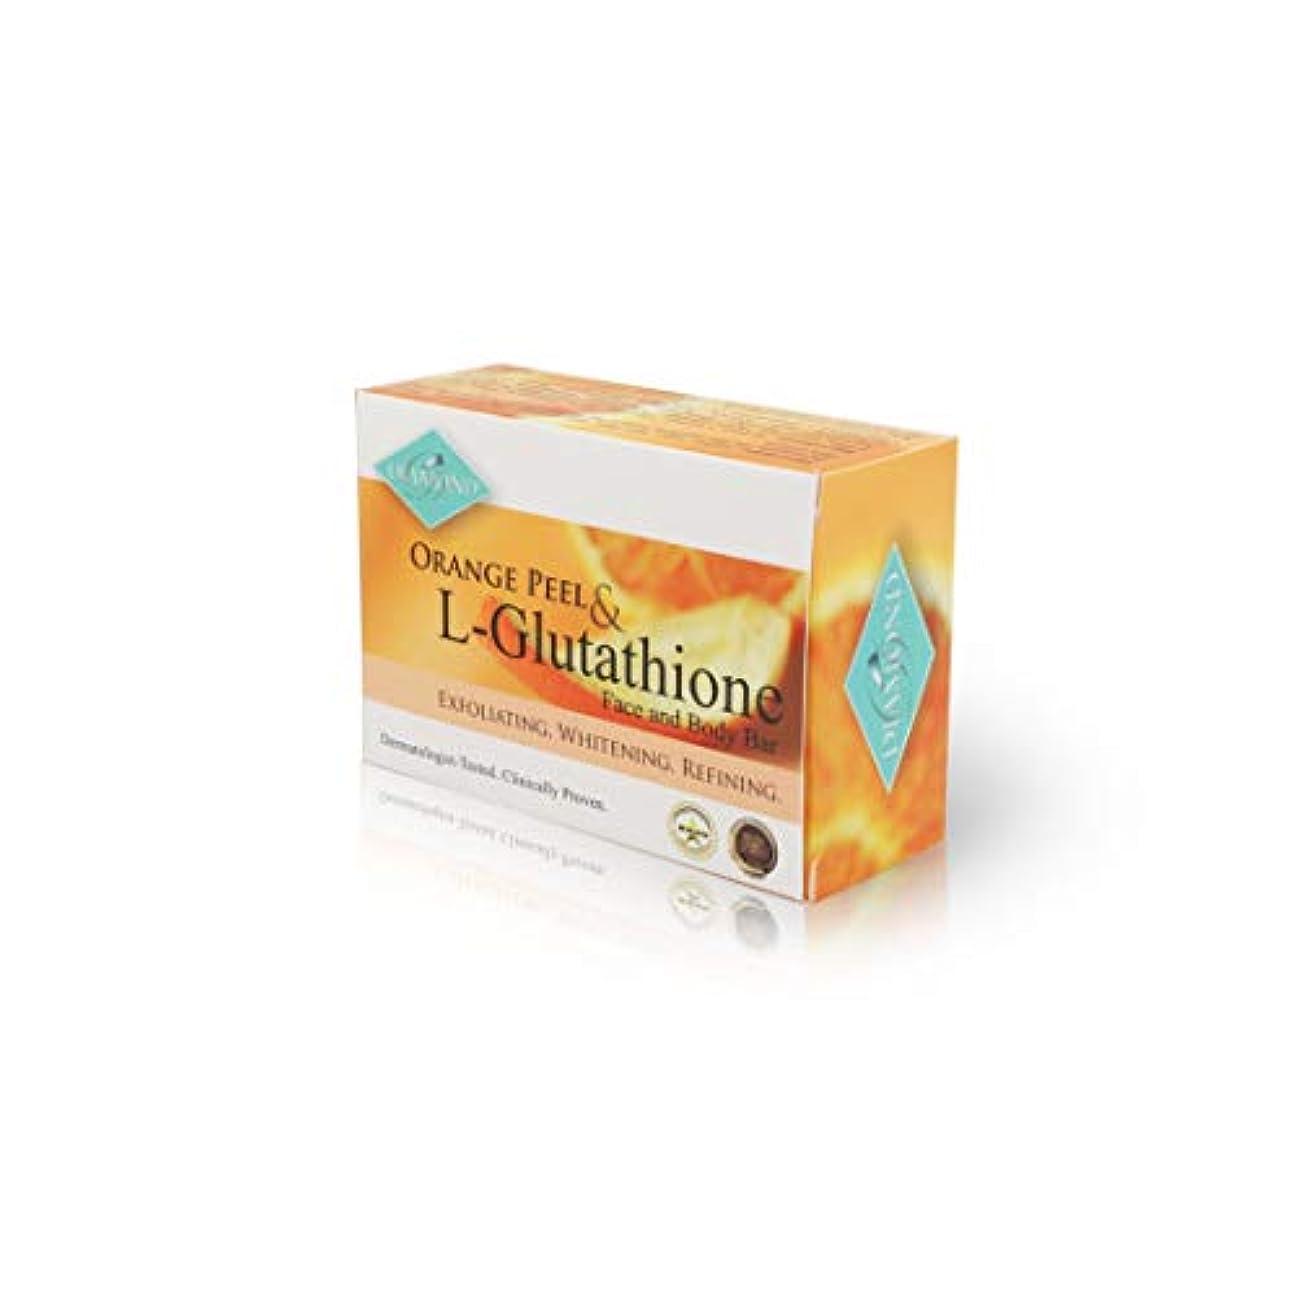 はっきりしない仕えるきょうだいDIAMOND ORANGE PEEL&Glutathione soap/オレンジピール&グルタチオン配合ソープ(美容石けん) 150g 正規輸入品